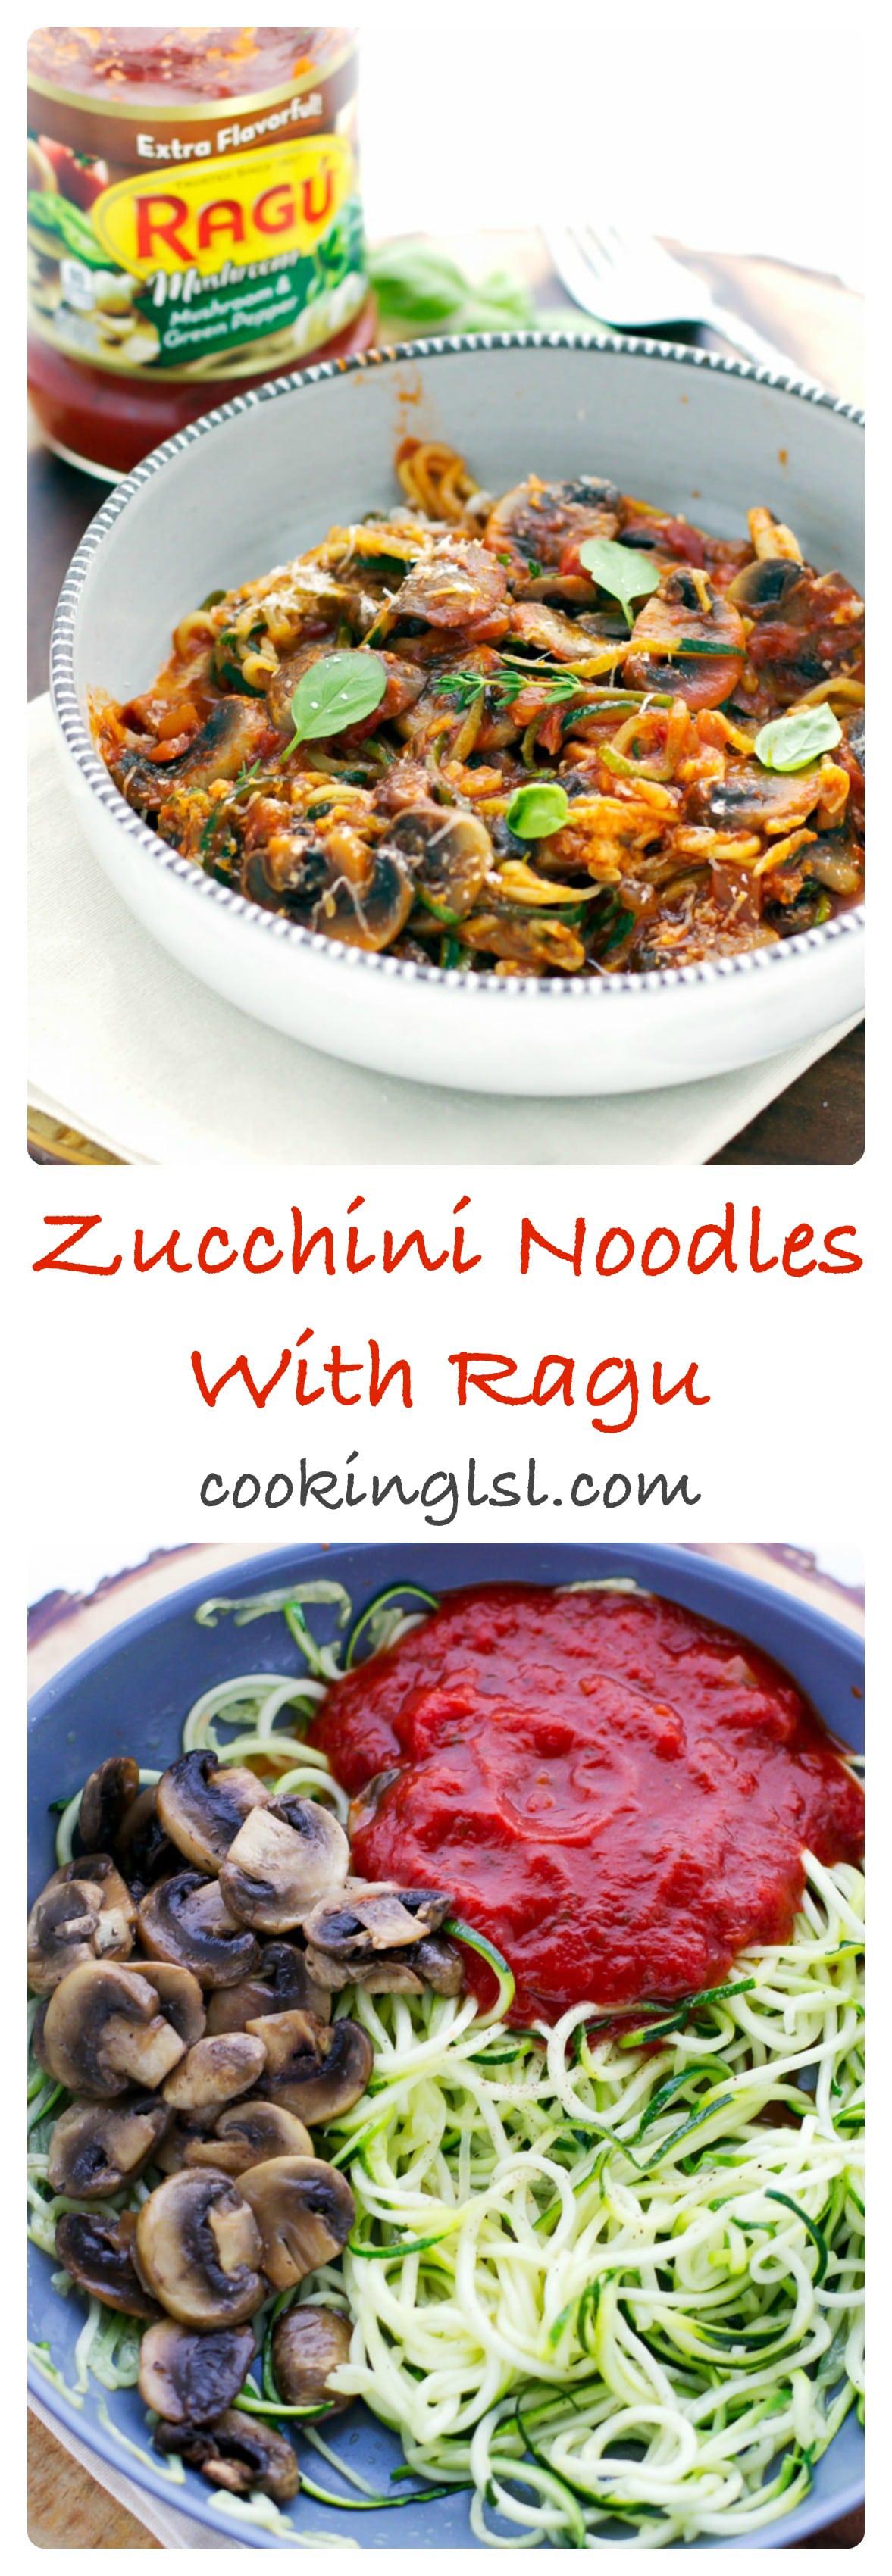 ragu-zucchini-noodles